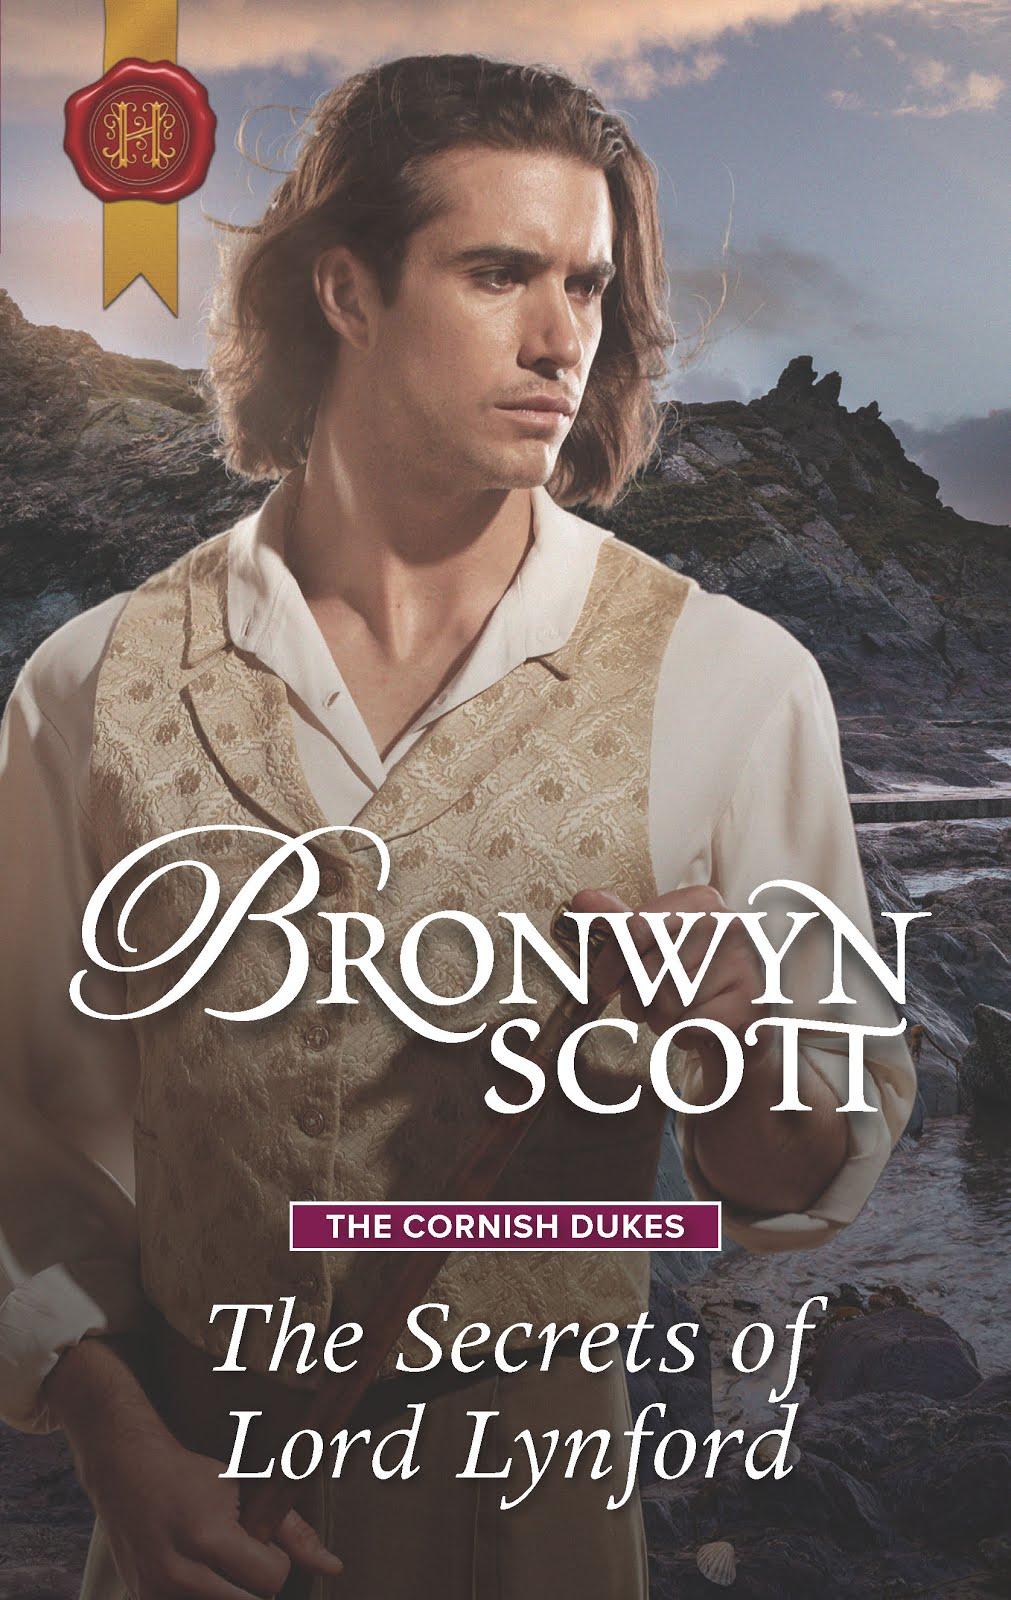 The Cornish Dukes